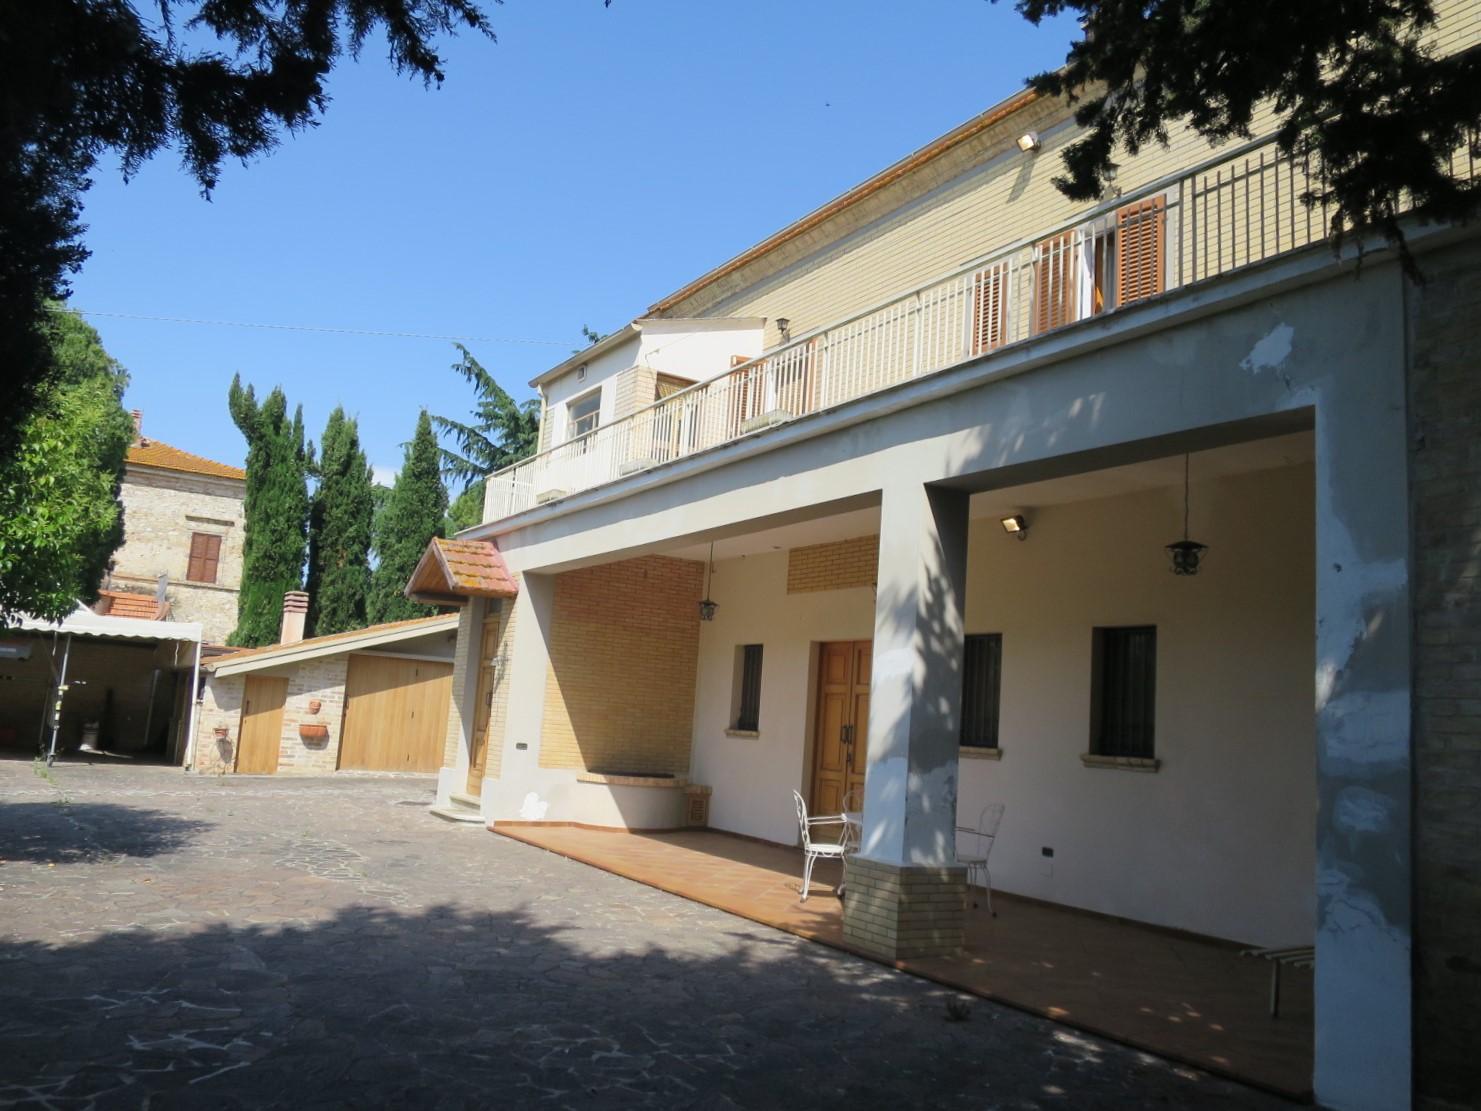 Villa Villa for sale Roseto degli Abruzzi (TE), Villa del Marinaio - Roseto degli Abruzzi - EUR 385.559 360